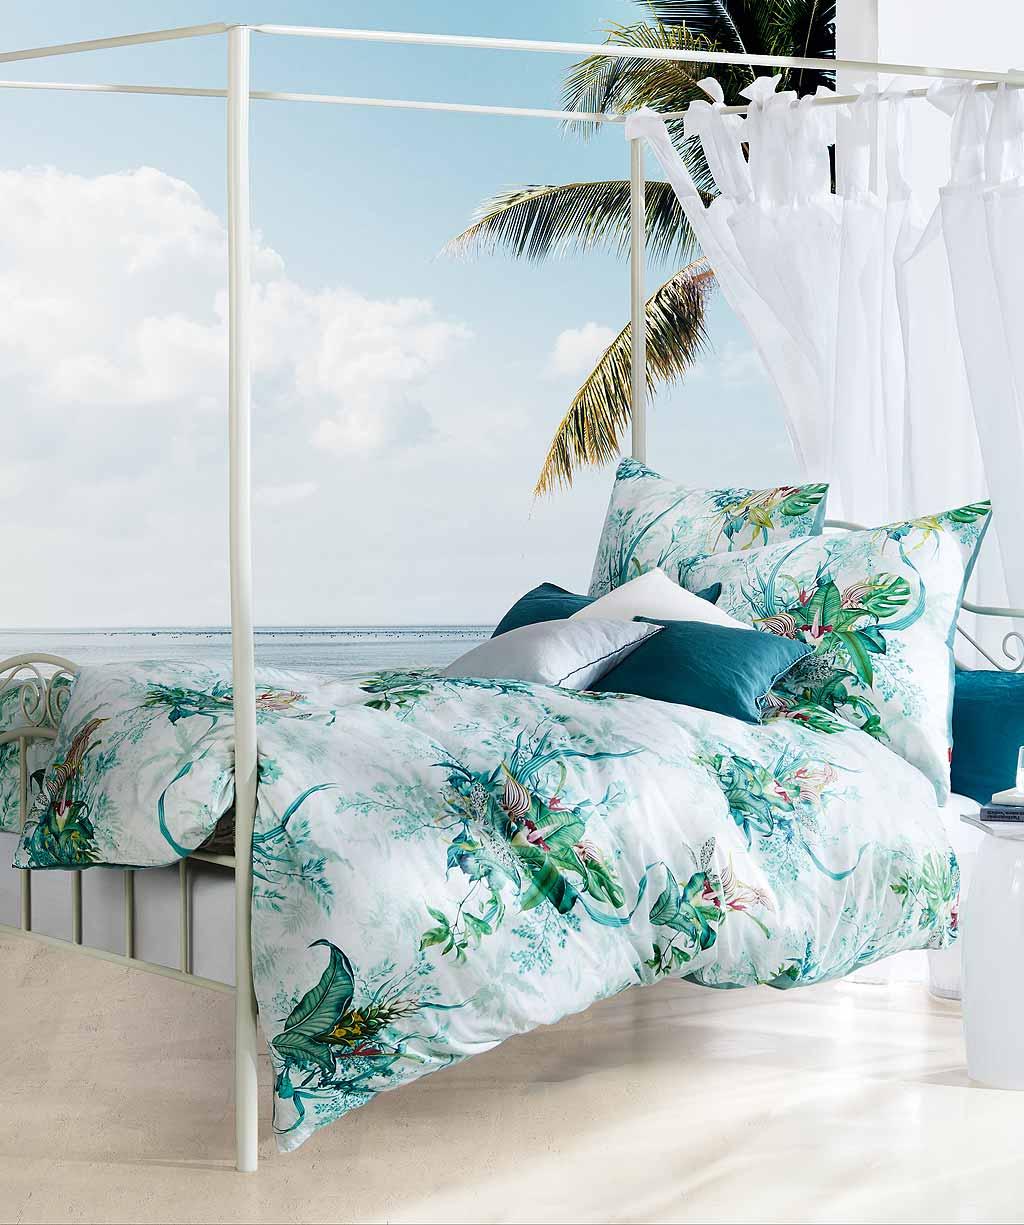 Mako Satin Bettwäsche mit floralem Muster in Grün - Digitaldruck